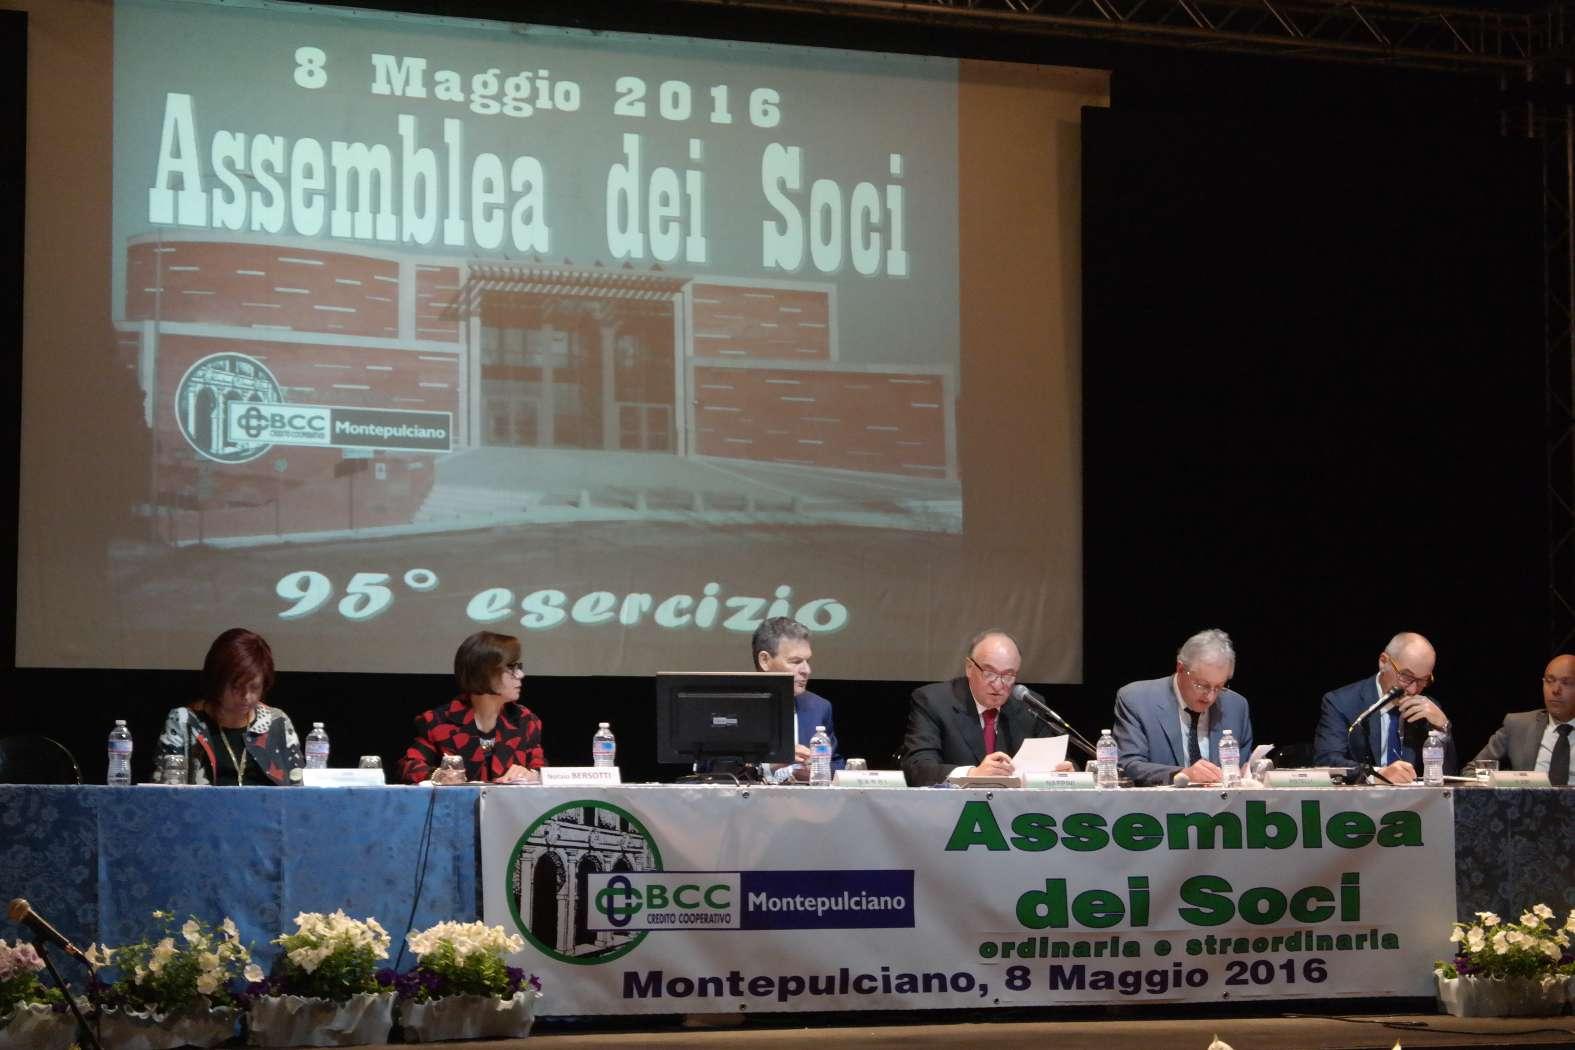 Bcc Montepulciano Nuova Sede e' nata banca valdichiana credito cooperativo di chiusi e